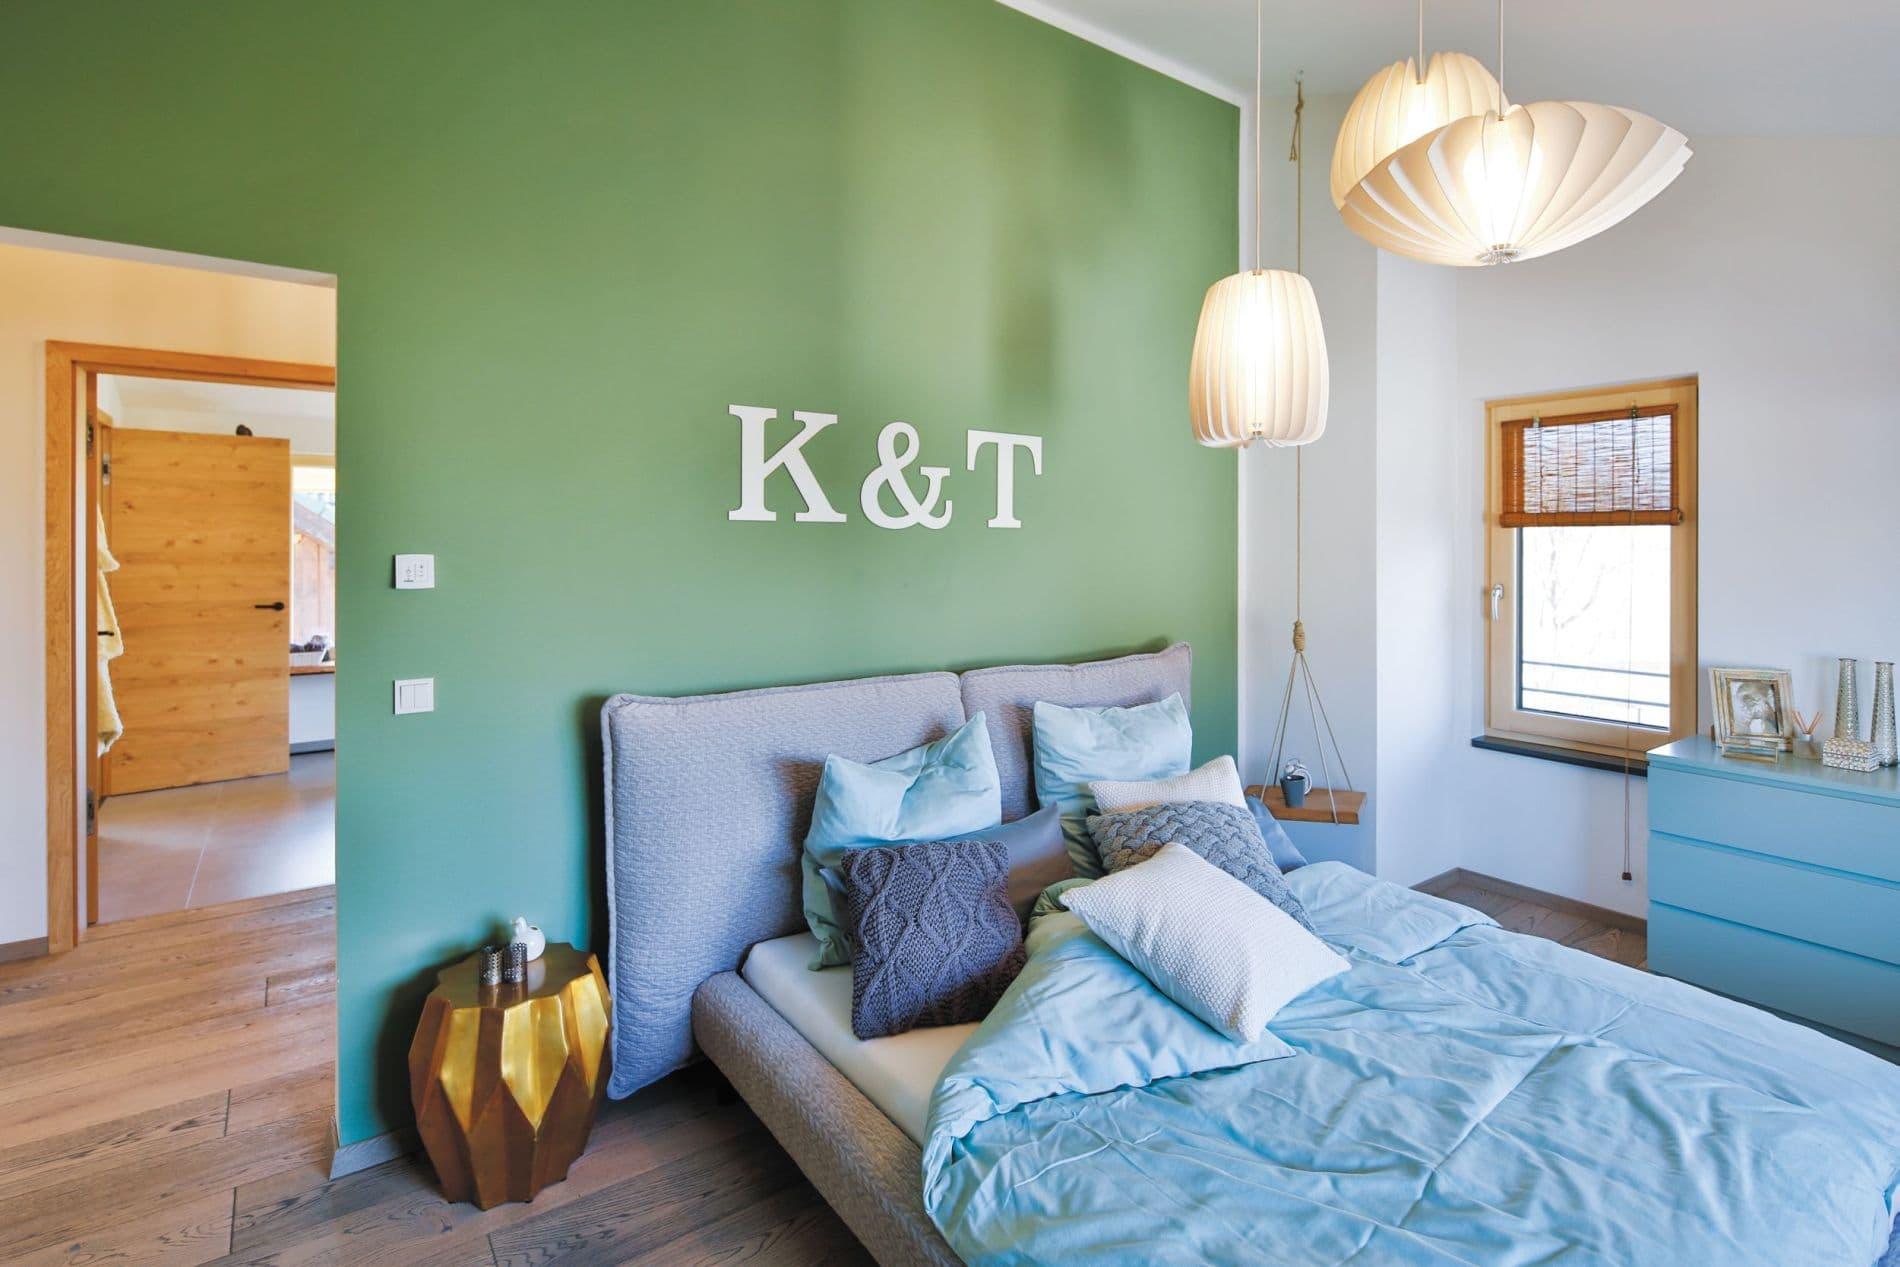 Im Elternschlafzimmer locken ein Doppelbett in Strick-Optik und Bambus-Rollos dazu, den Wecker einfach einmal bimmeln zu lassen.